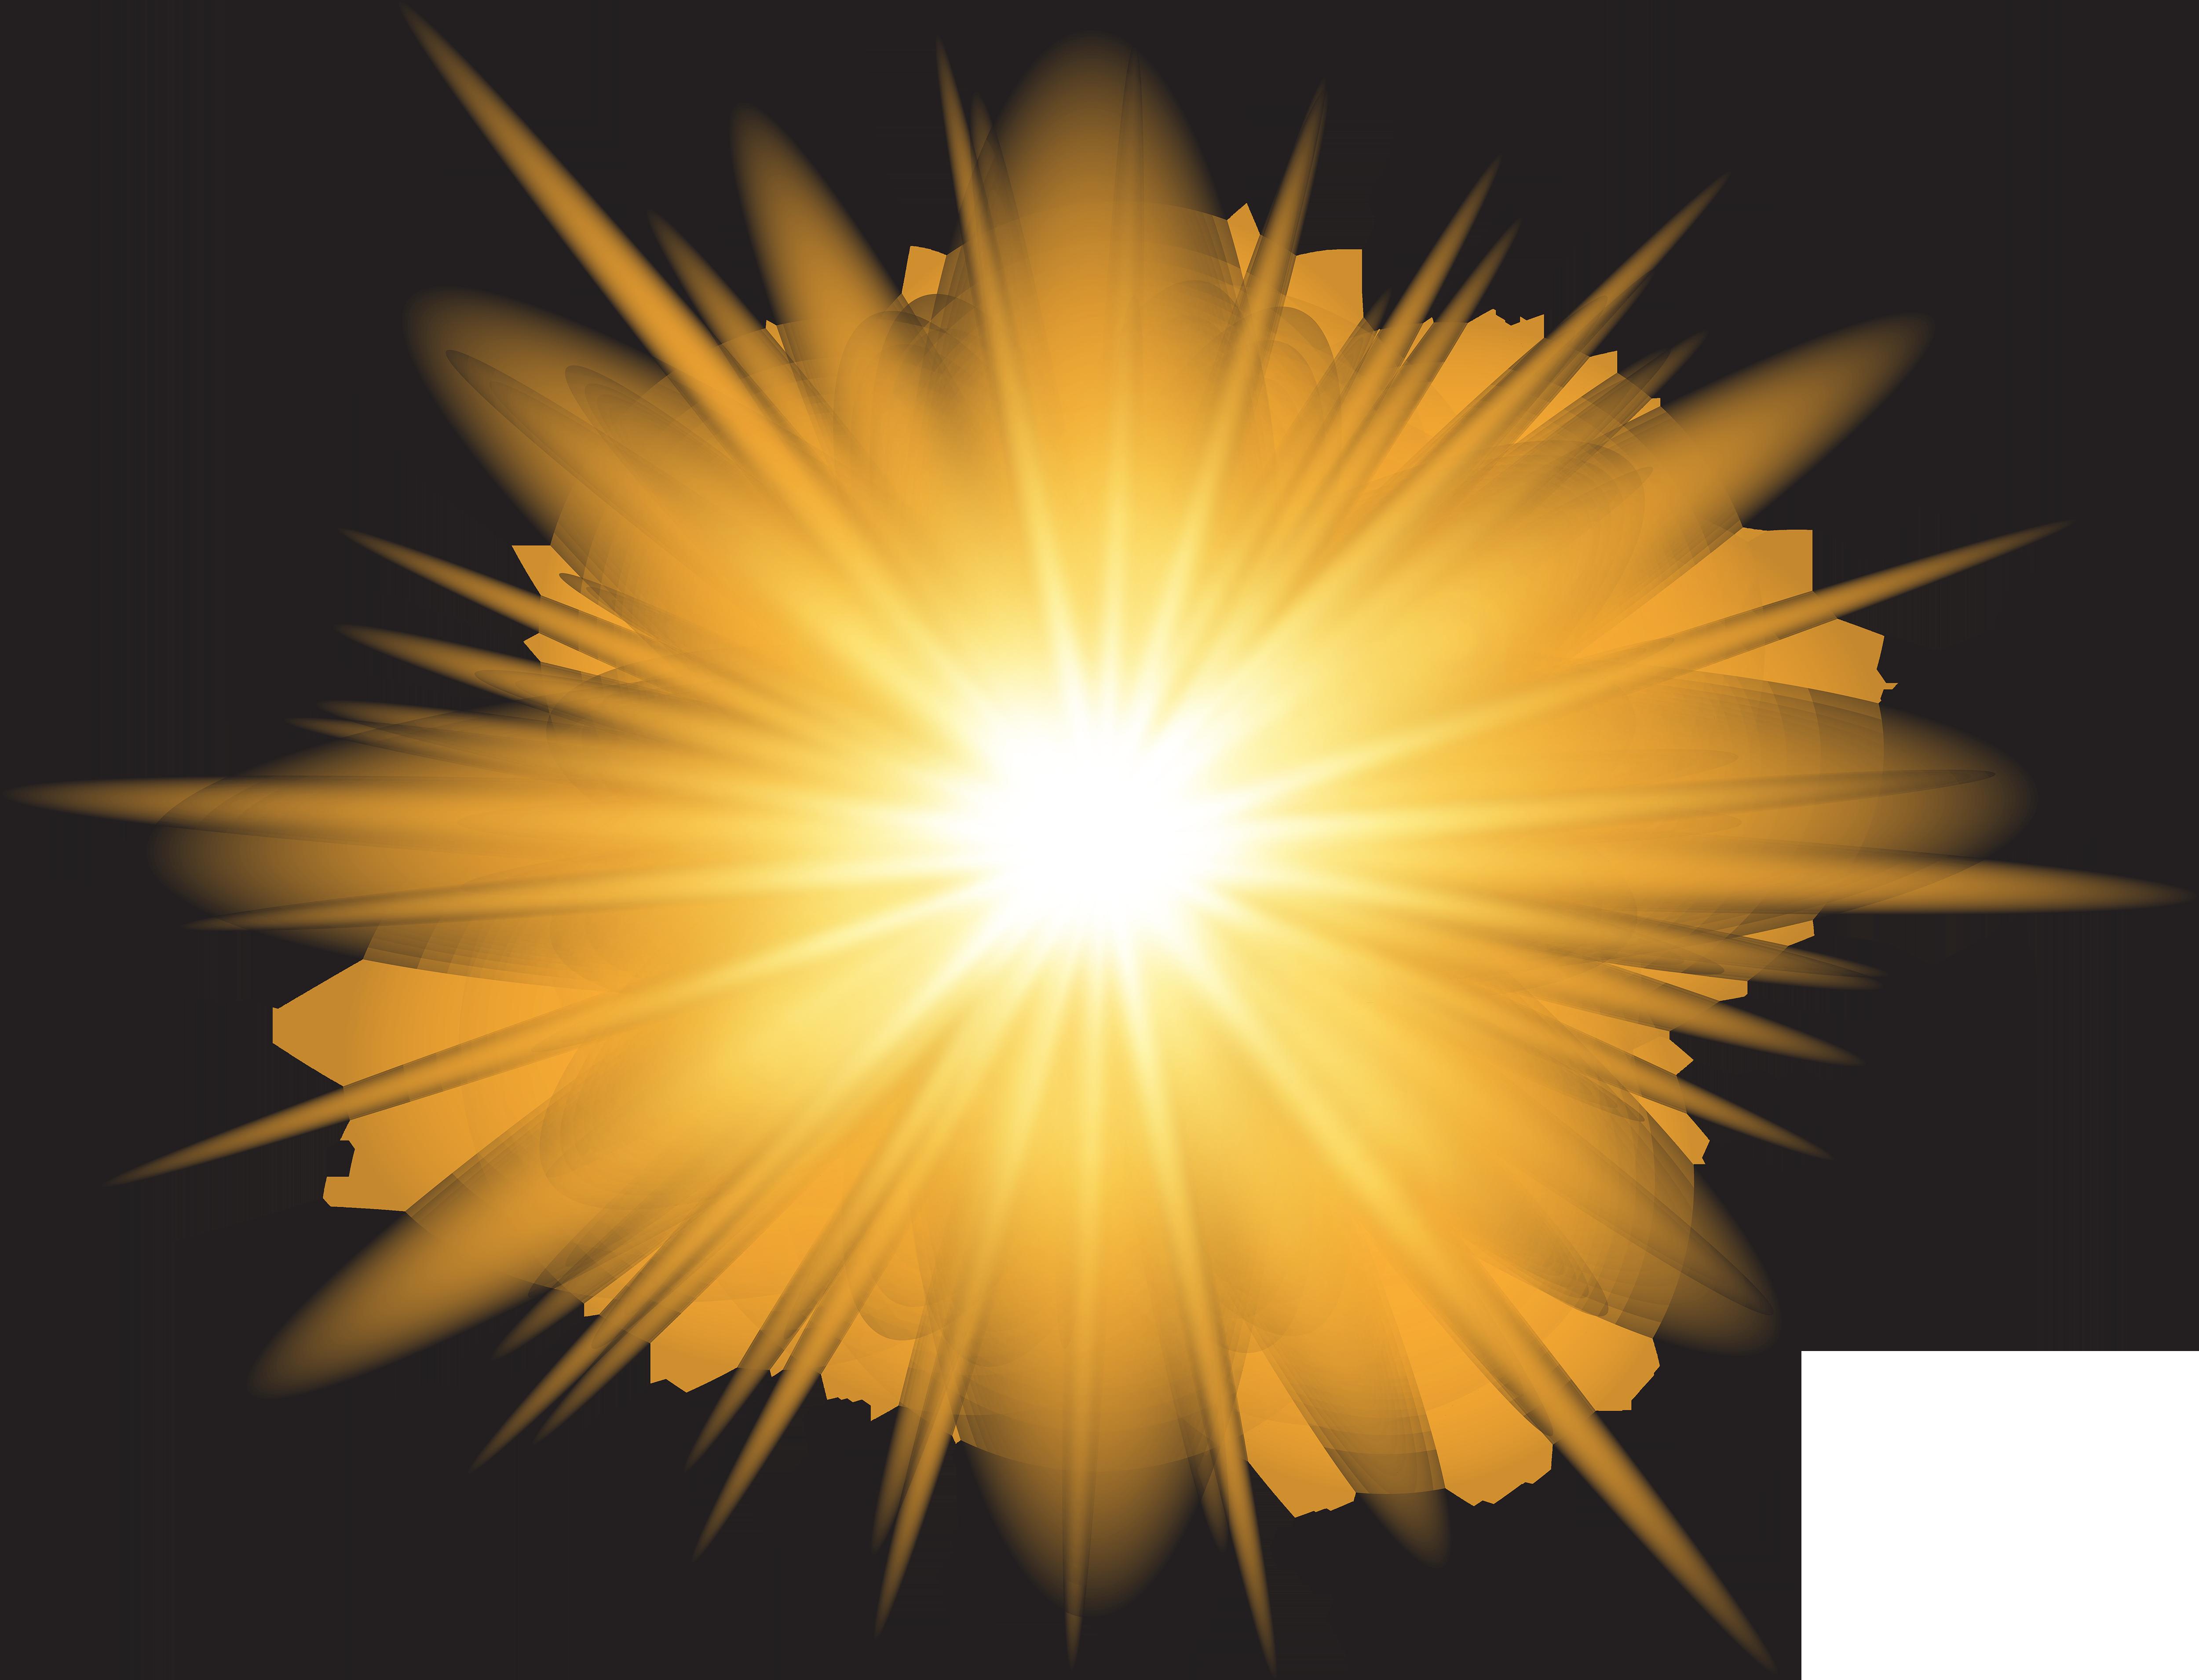 Lights clipart sun rays. Sunlight sky yellow pattern